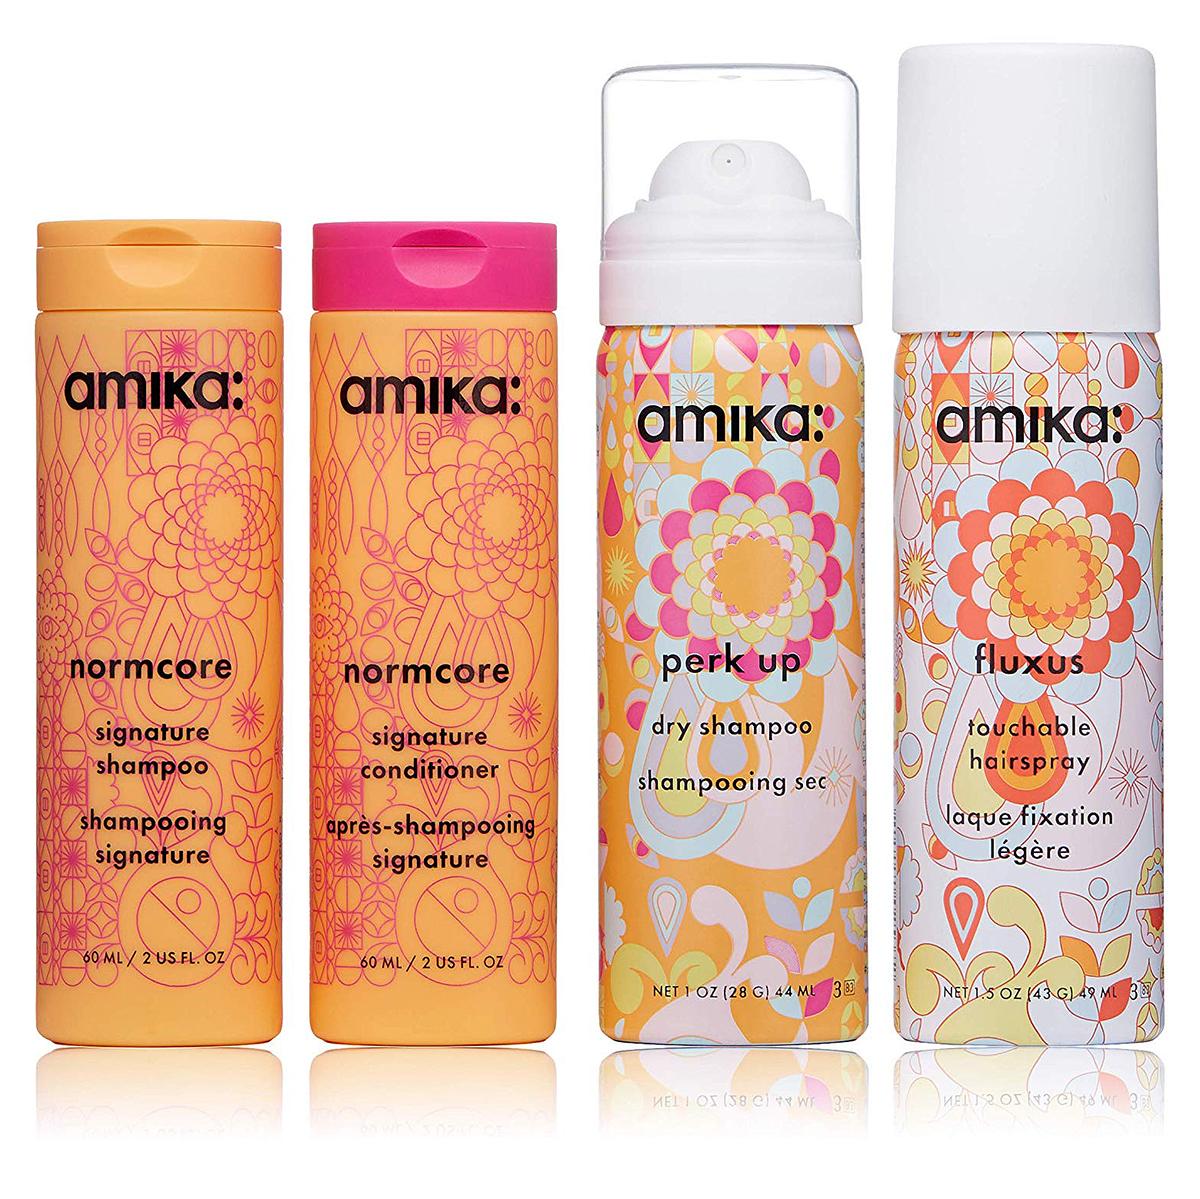 amika-hair-set